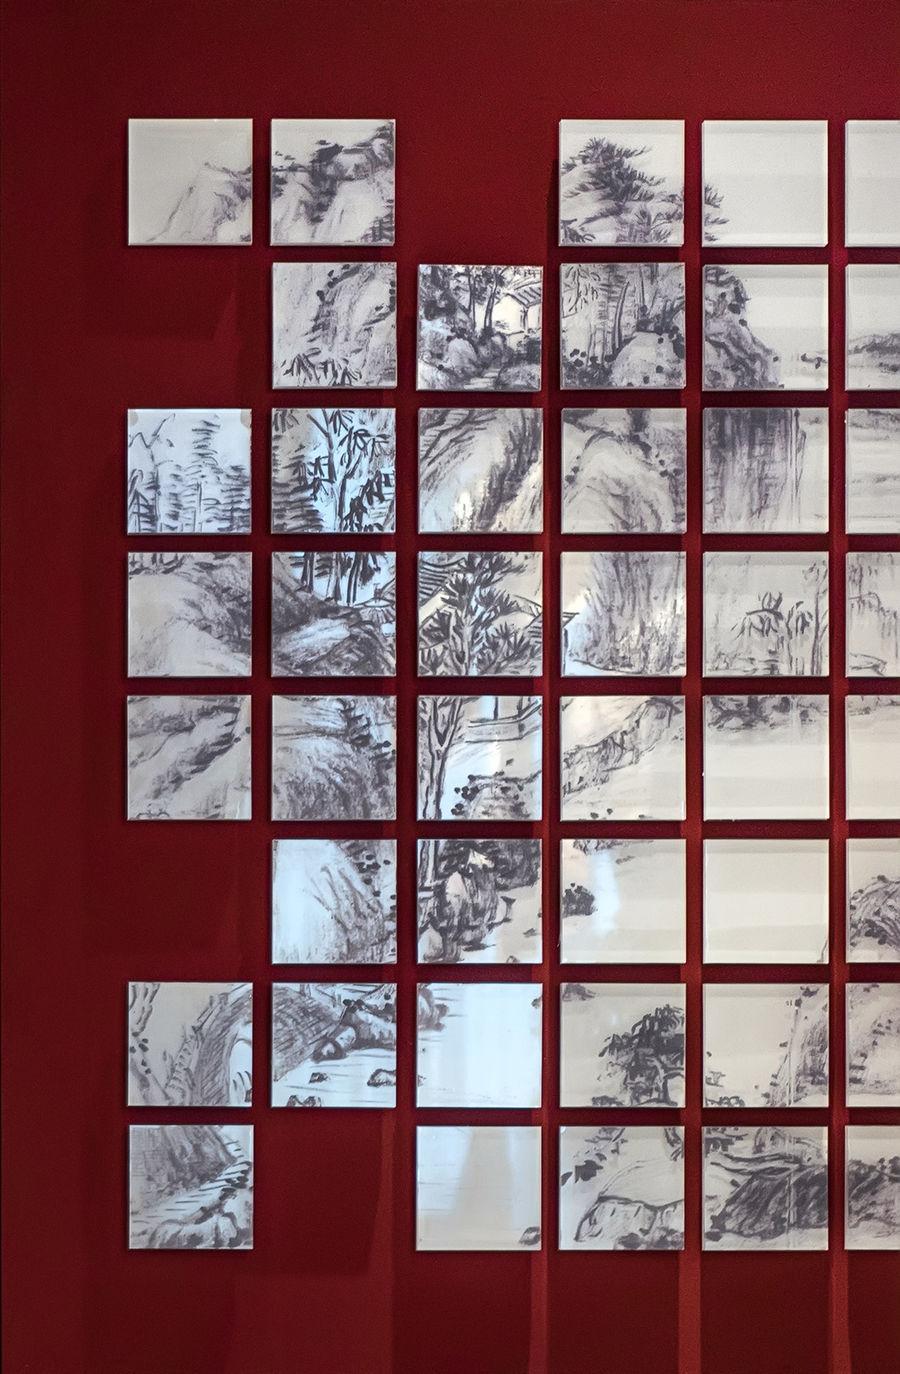 布鲁盟丨泰禾 · 福州院子国院会:文化设计唤醒山水灵韵